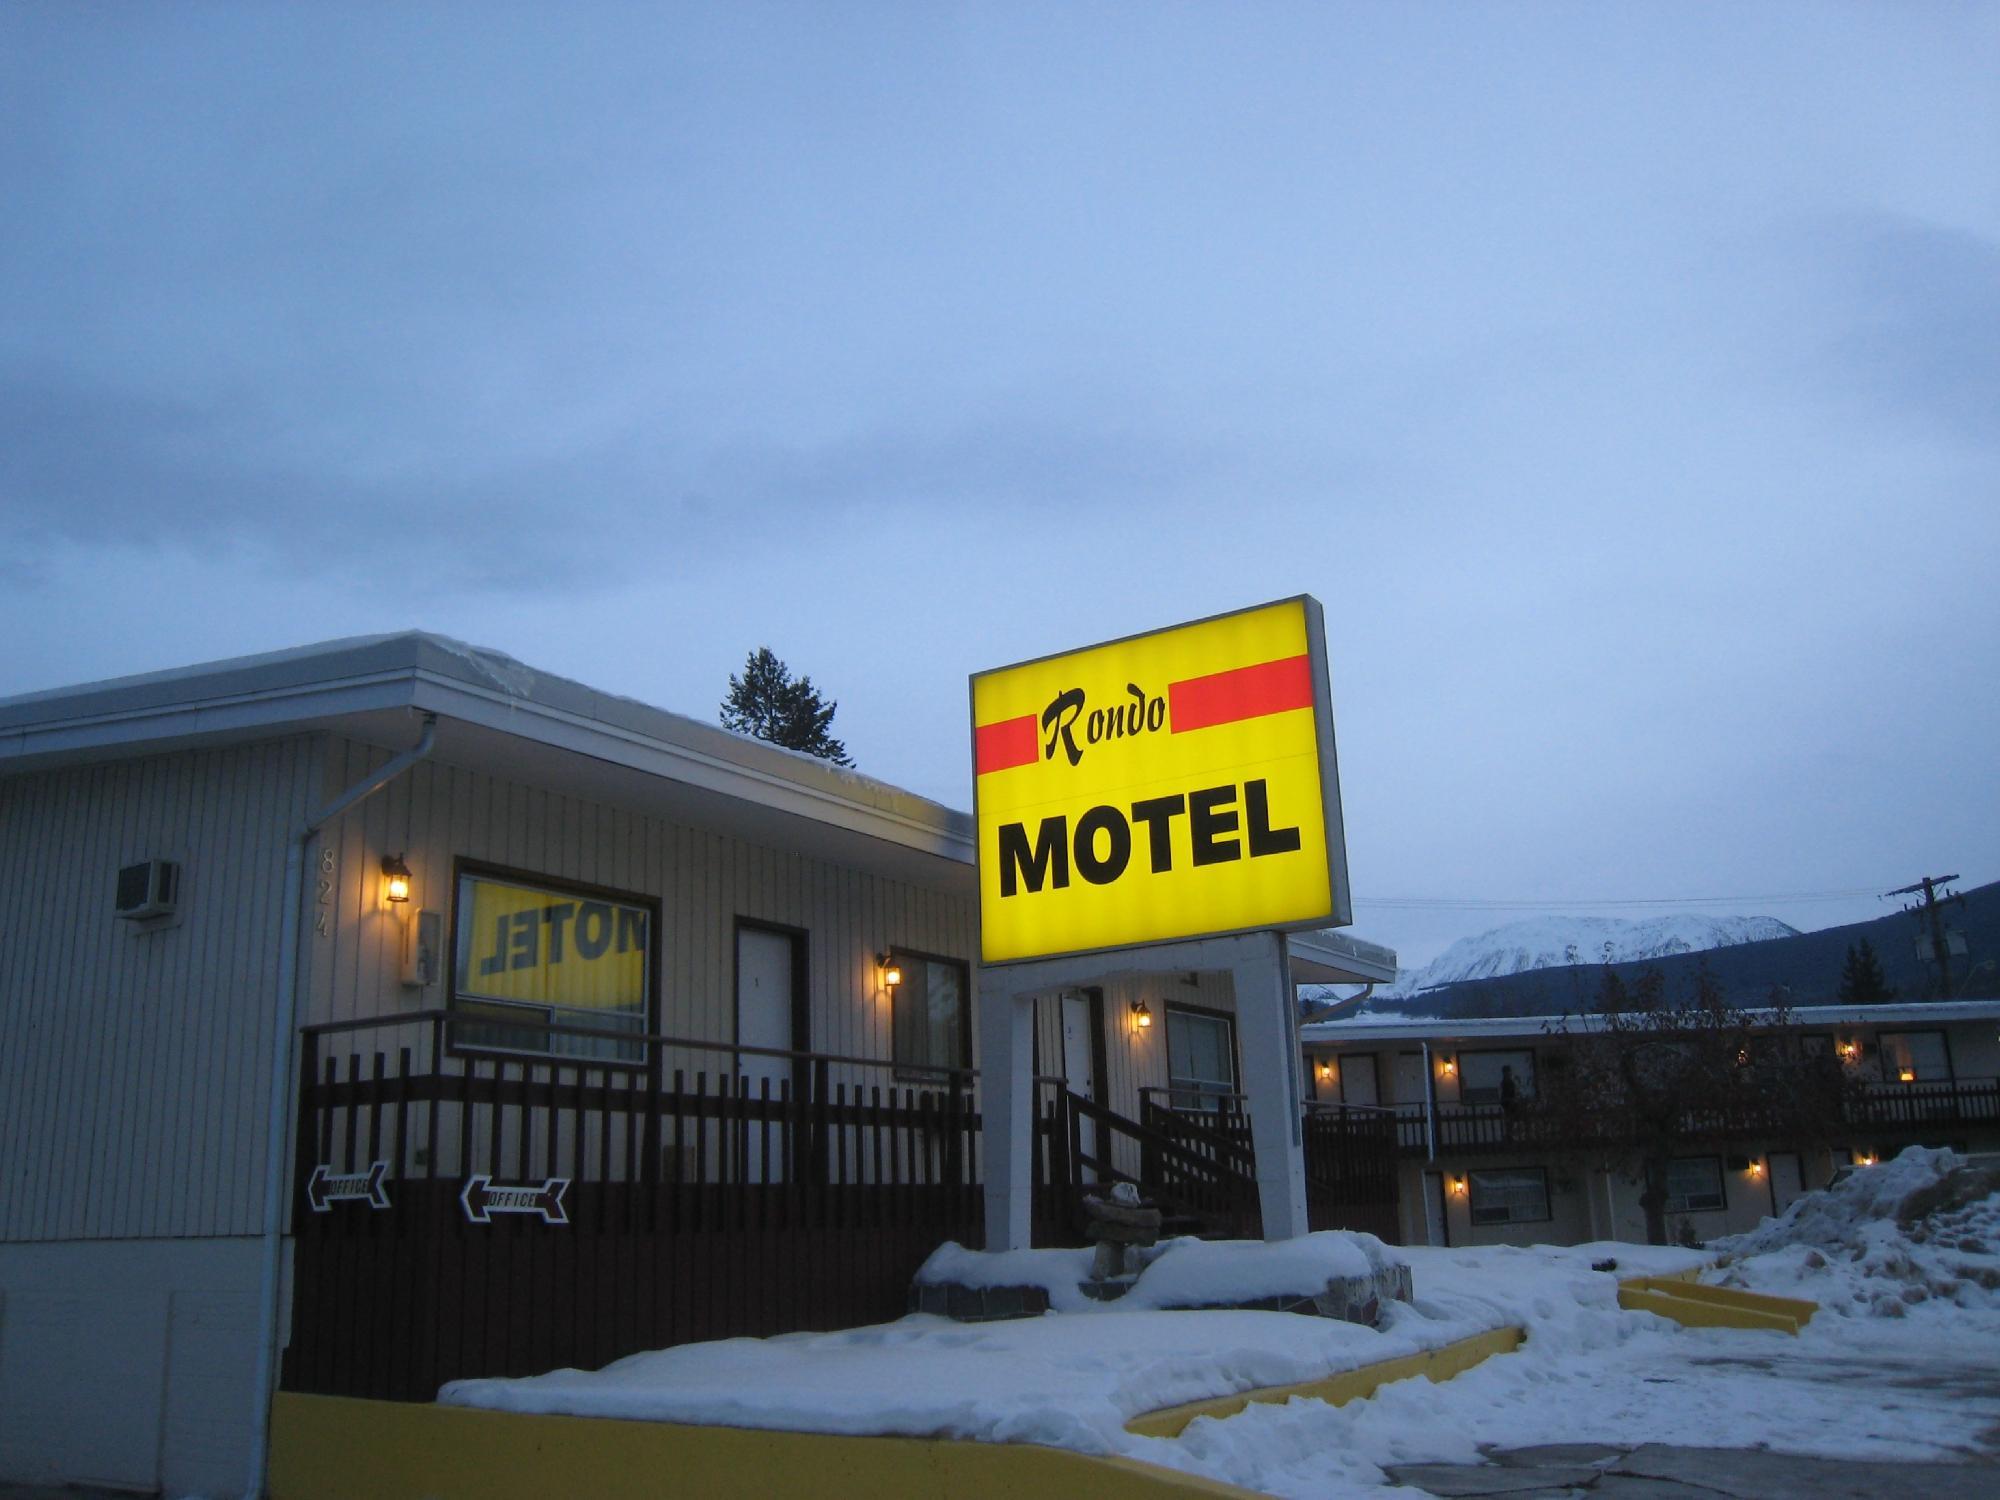 朗多汽車旅館